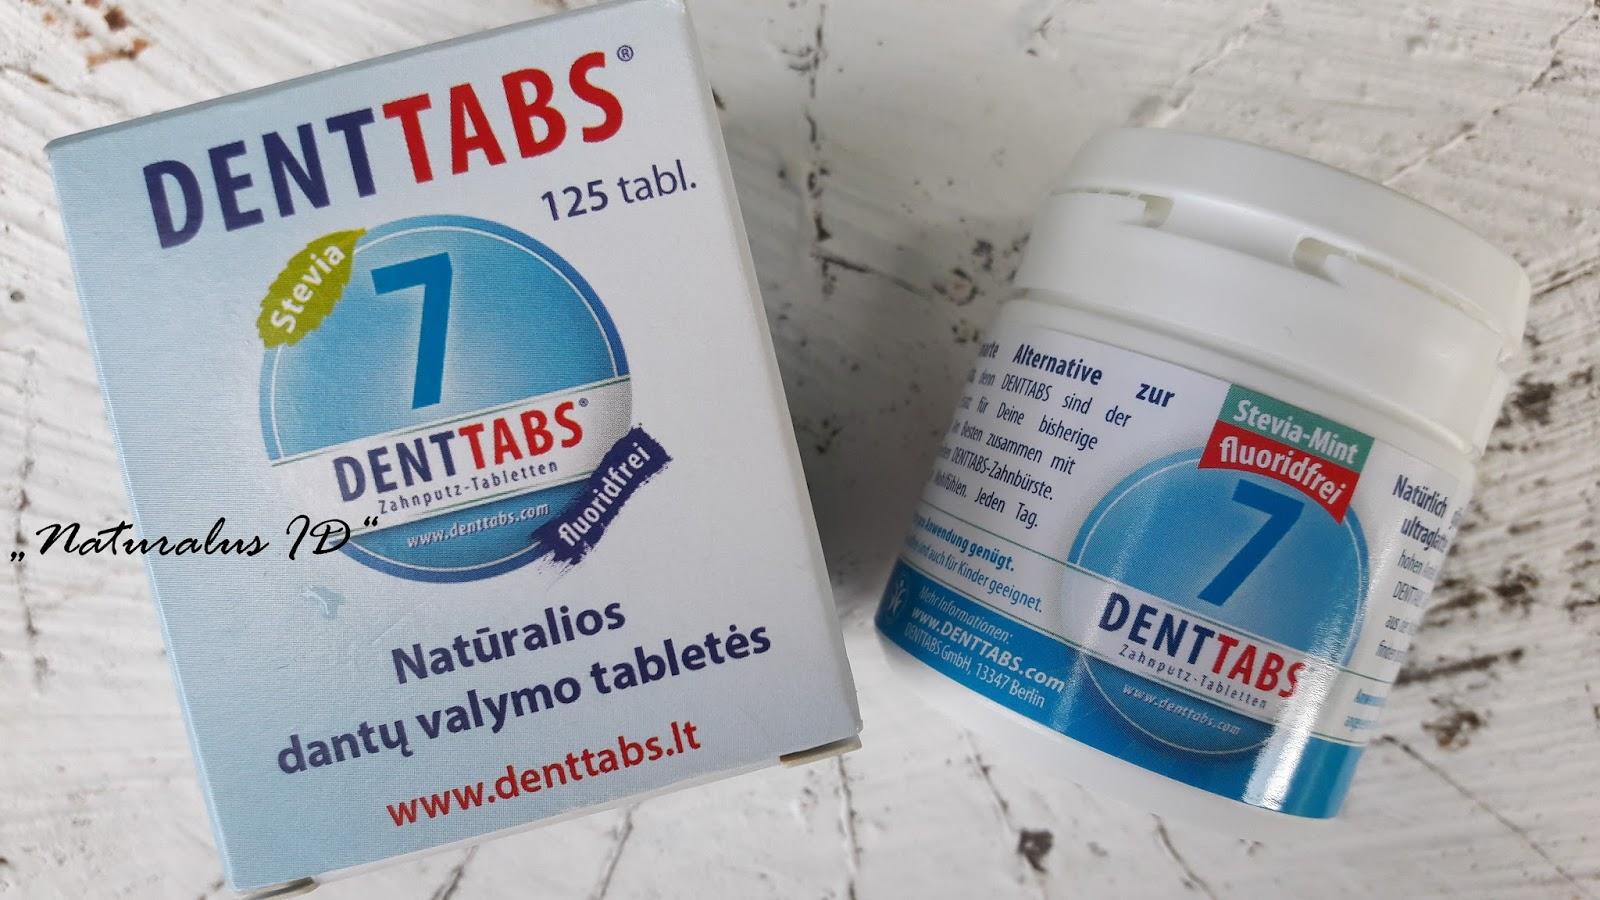 ekologiškos tabletės dantims